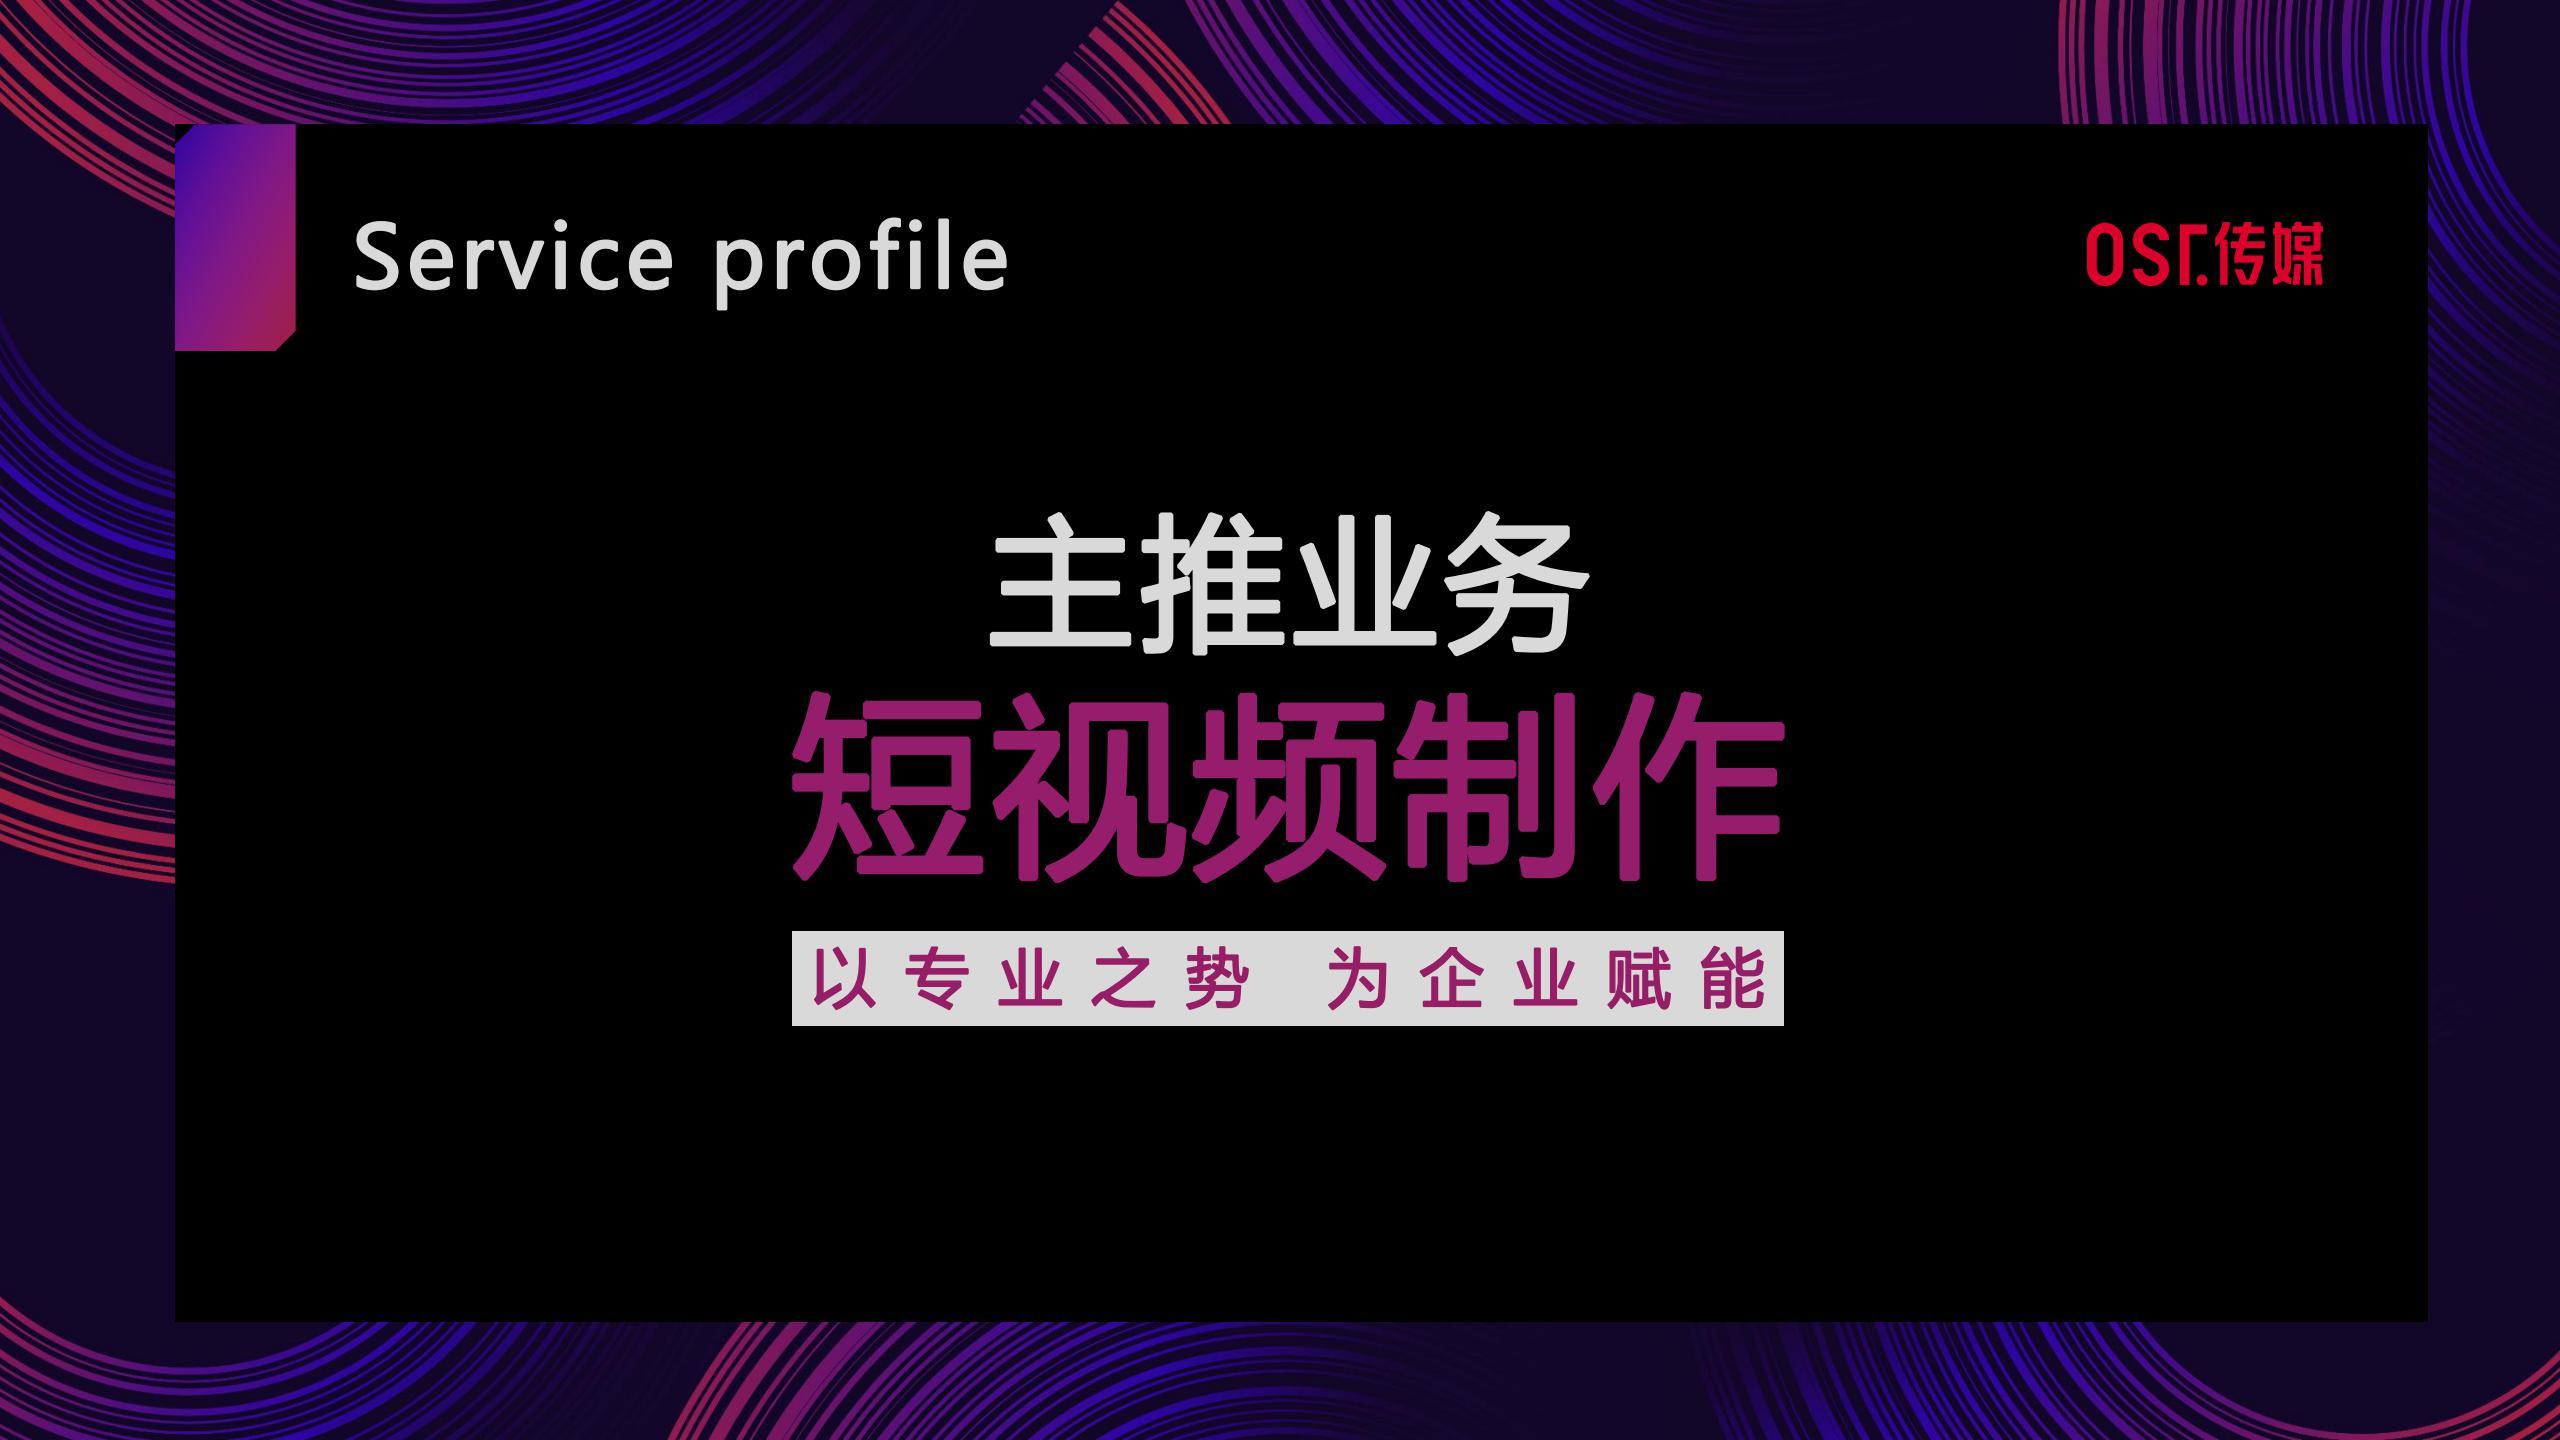 OST传媒短视频服务介绍第7张